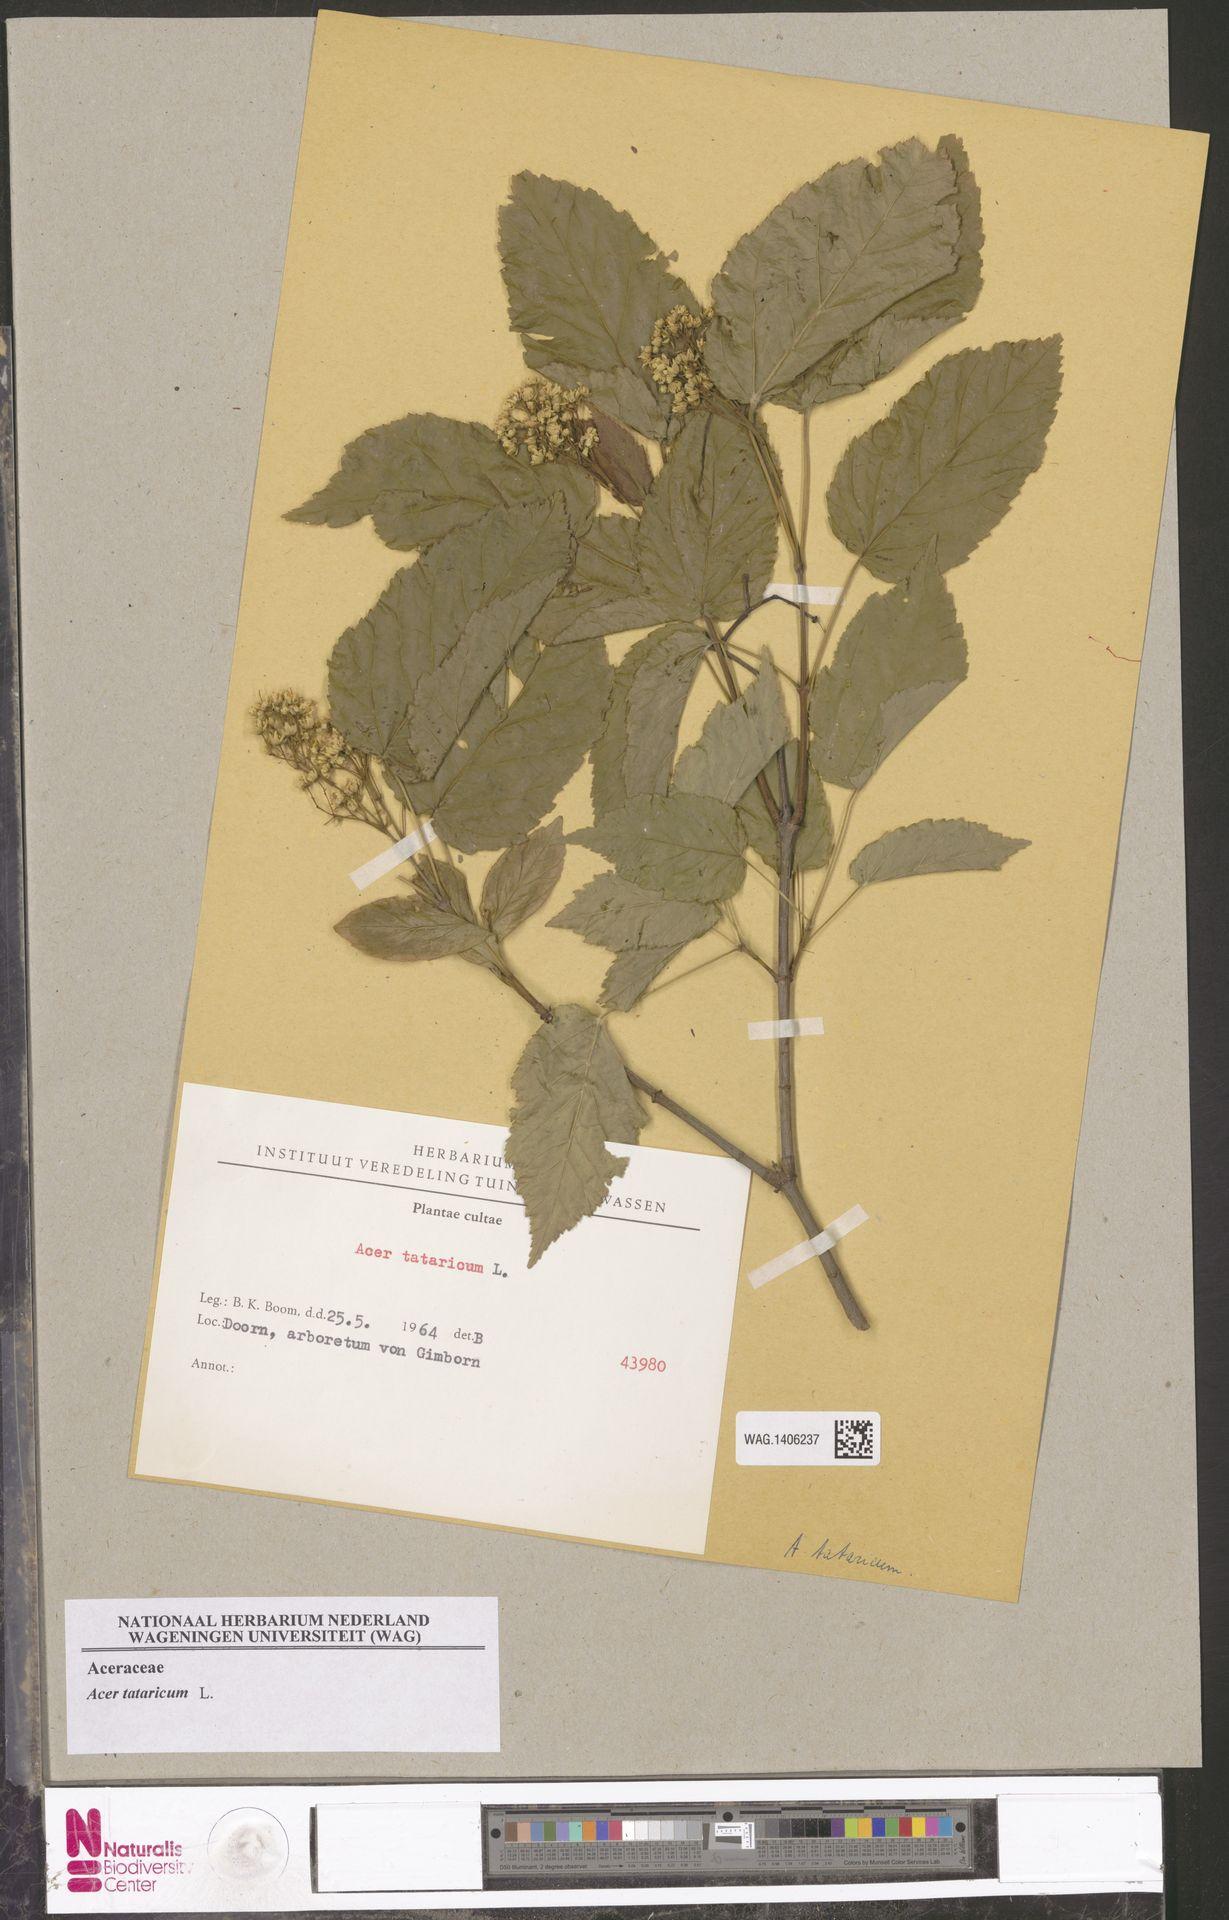 WAG.1406237 | Acer tataricum L.